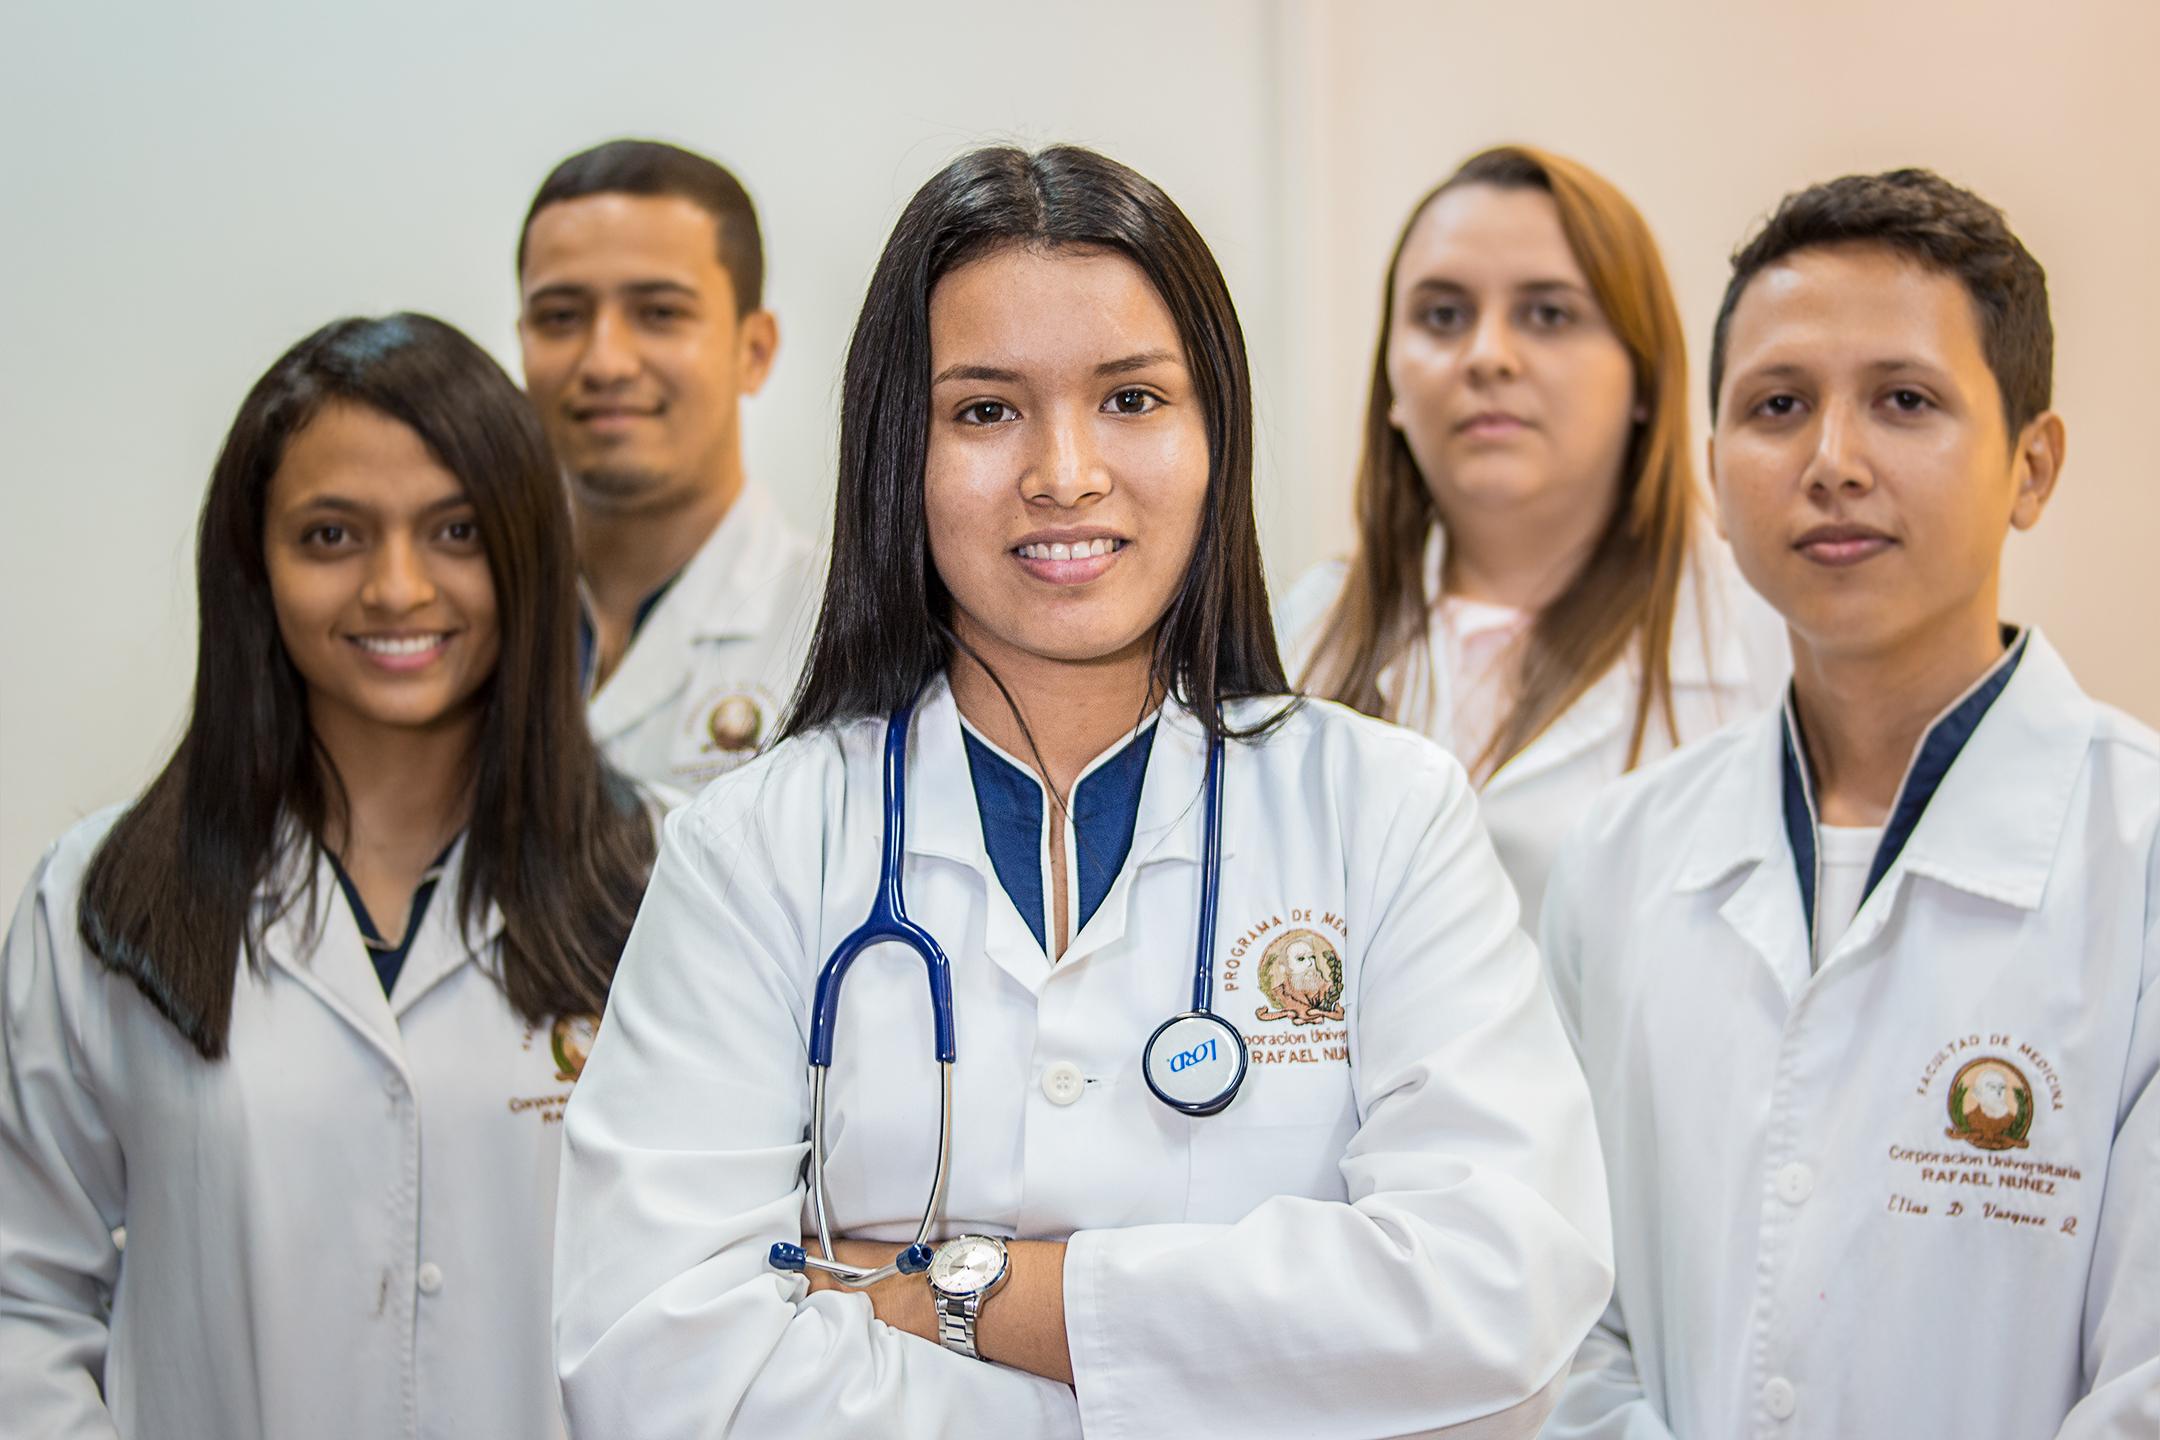 Conoce la lista completa de admitidos al Programa de Medicina 2018-02